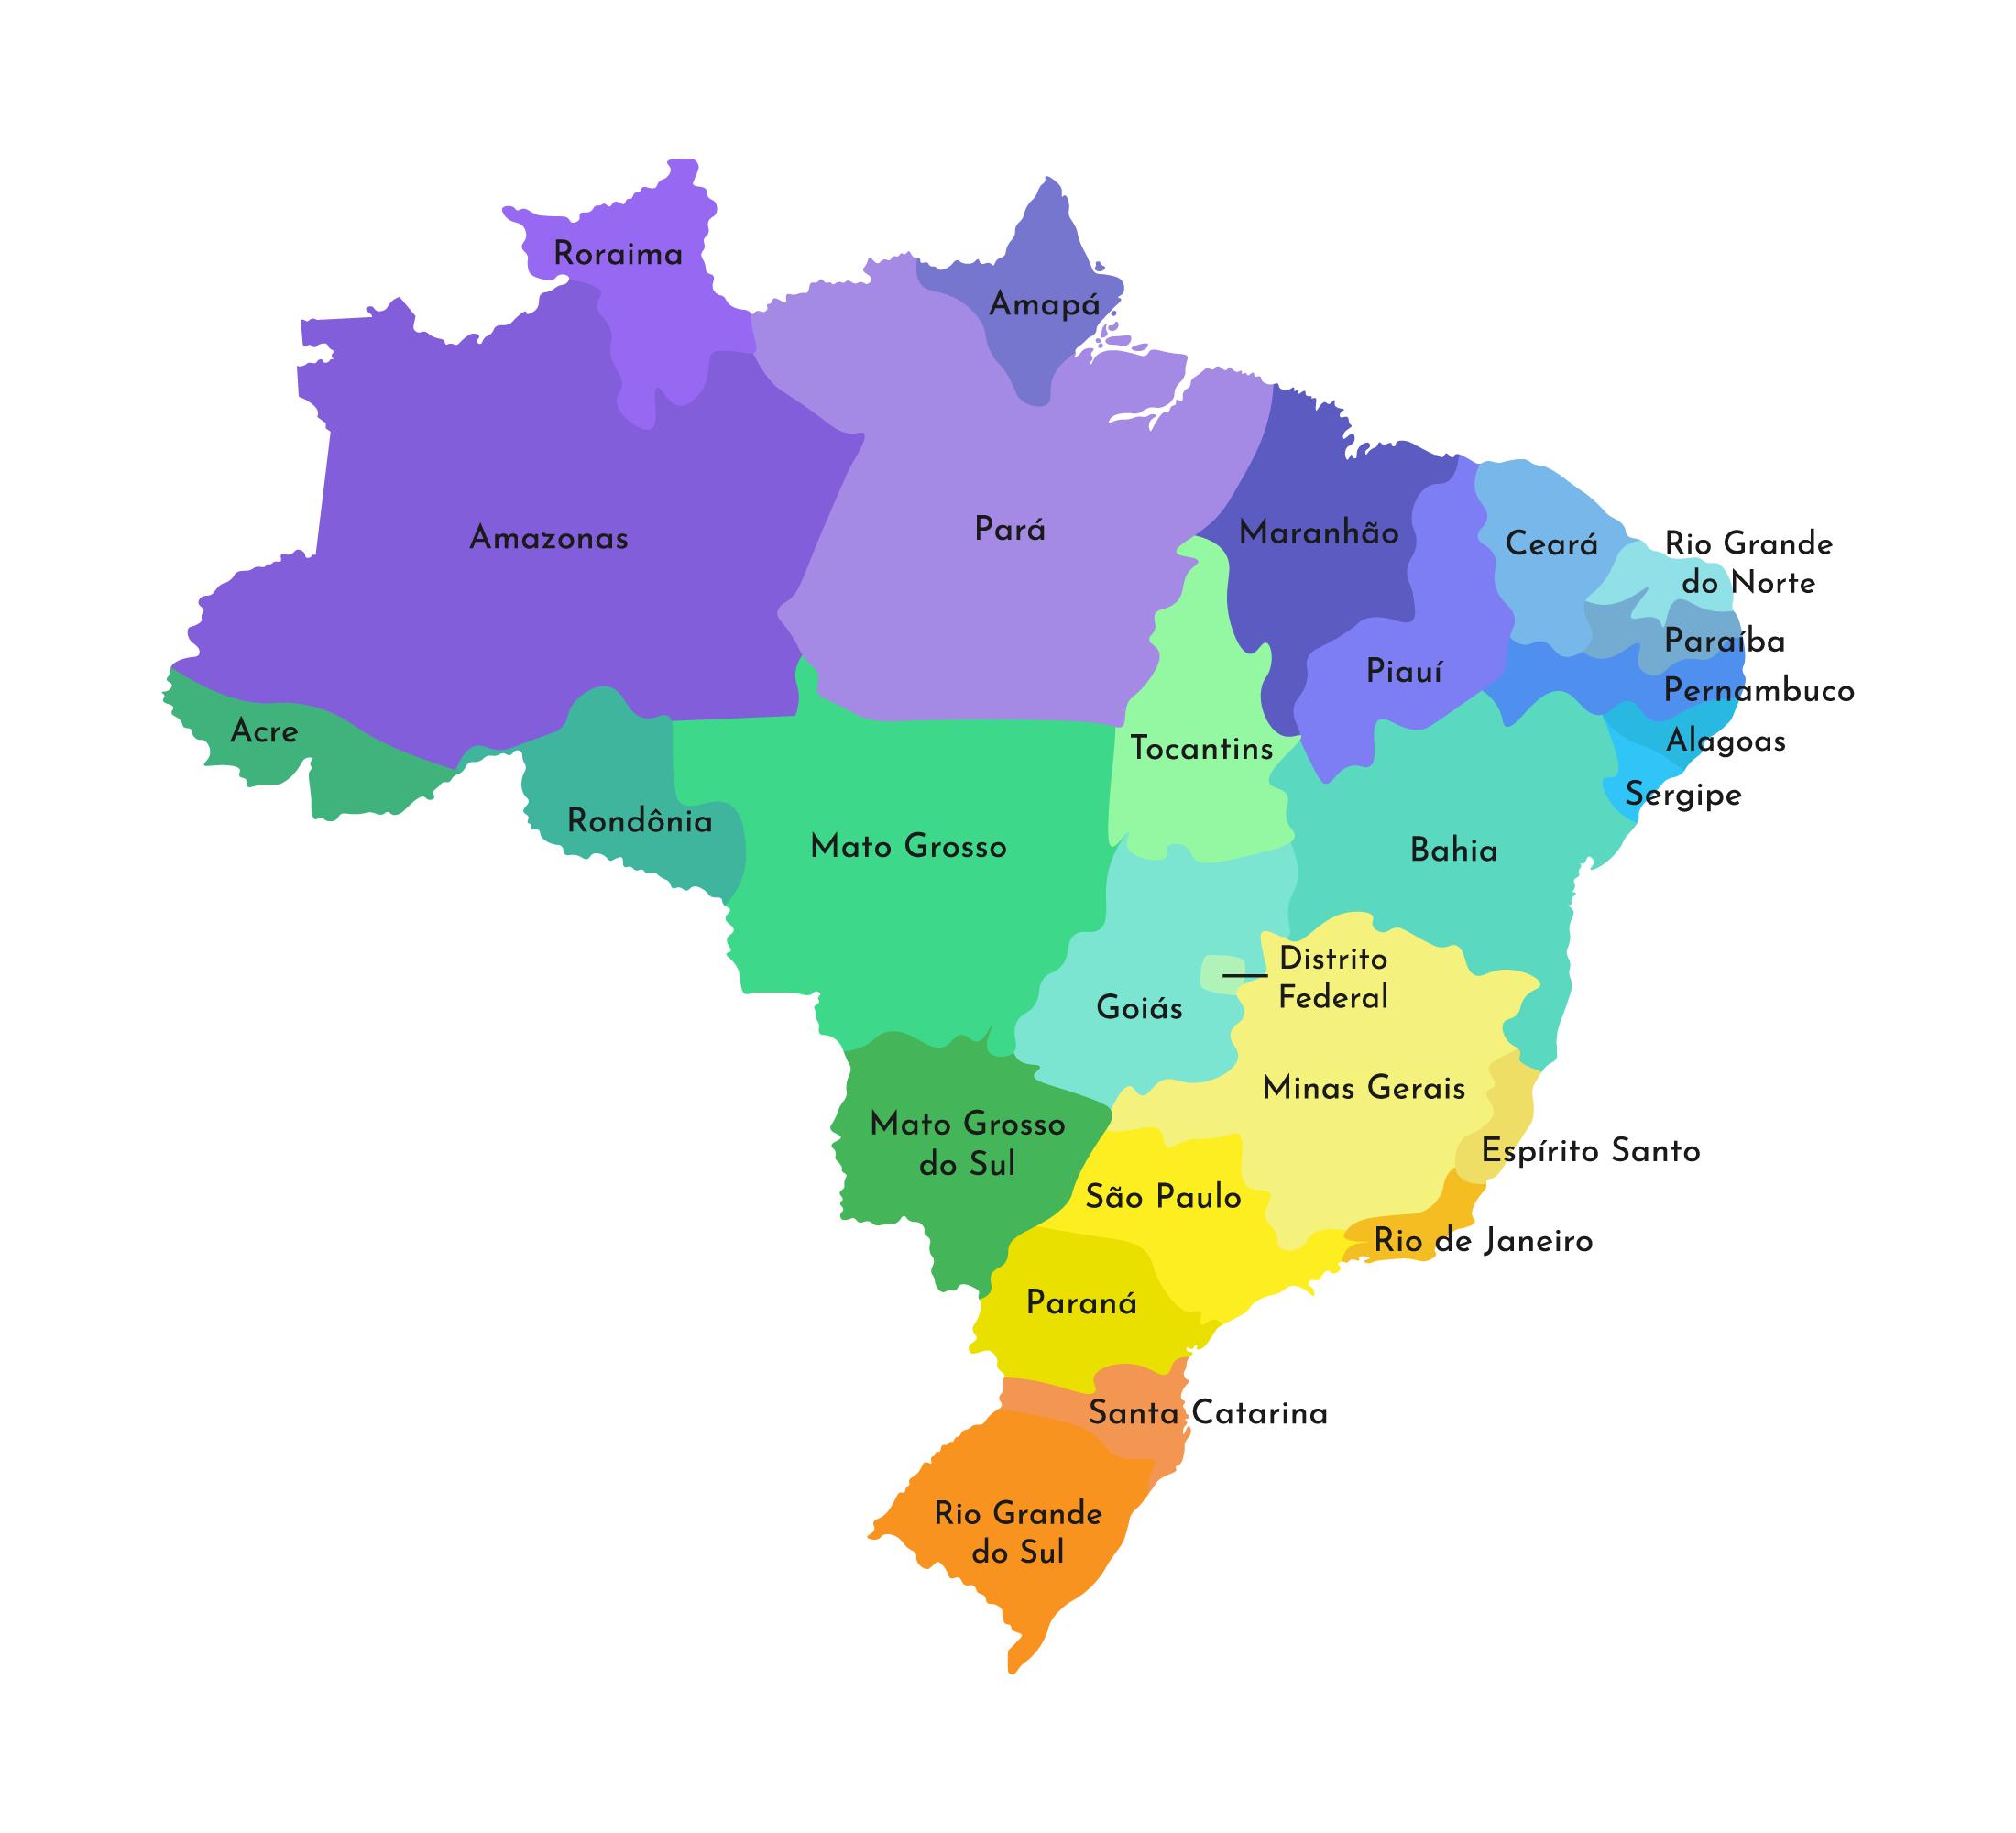 MAPPA DEL BRASILE